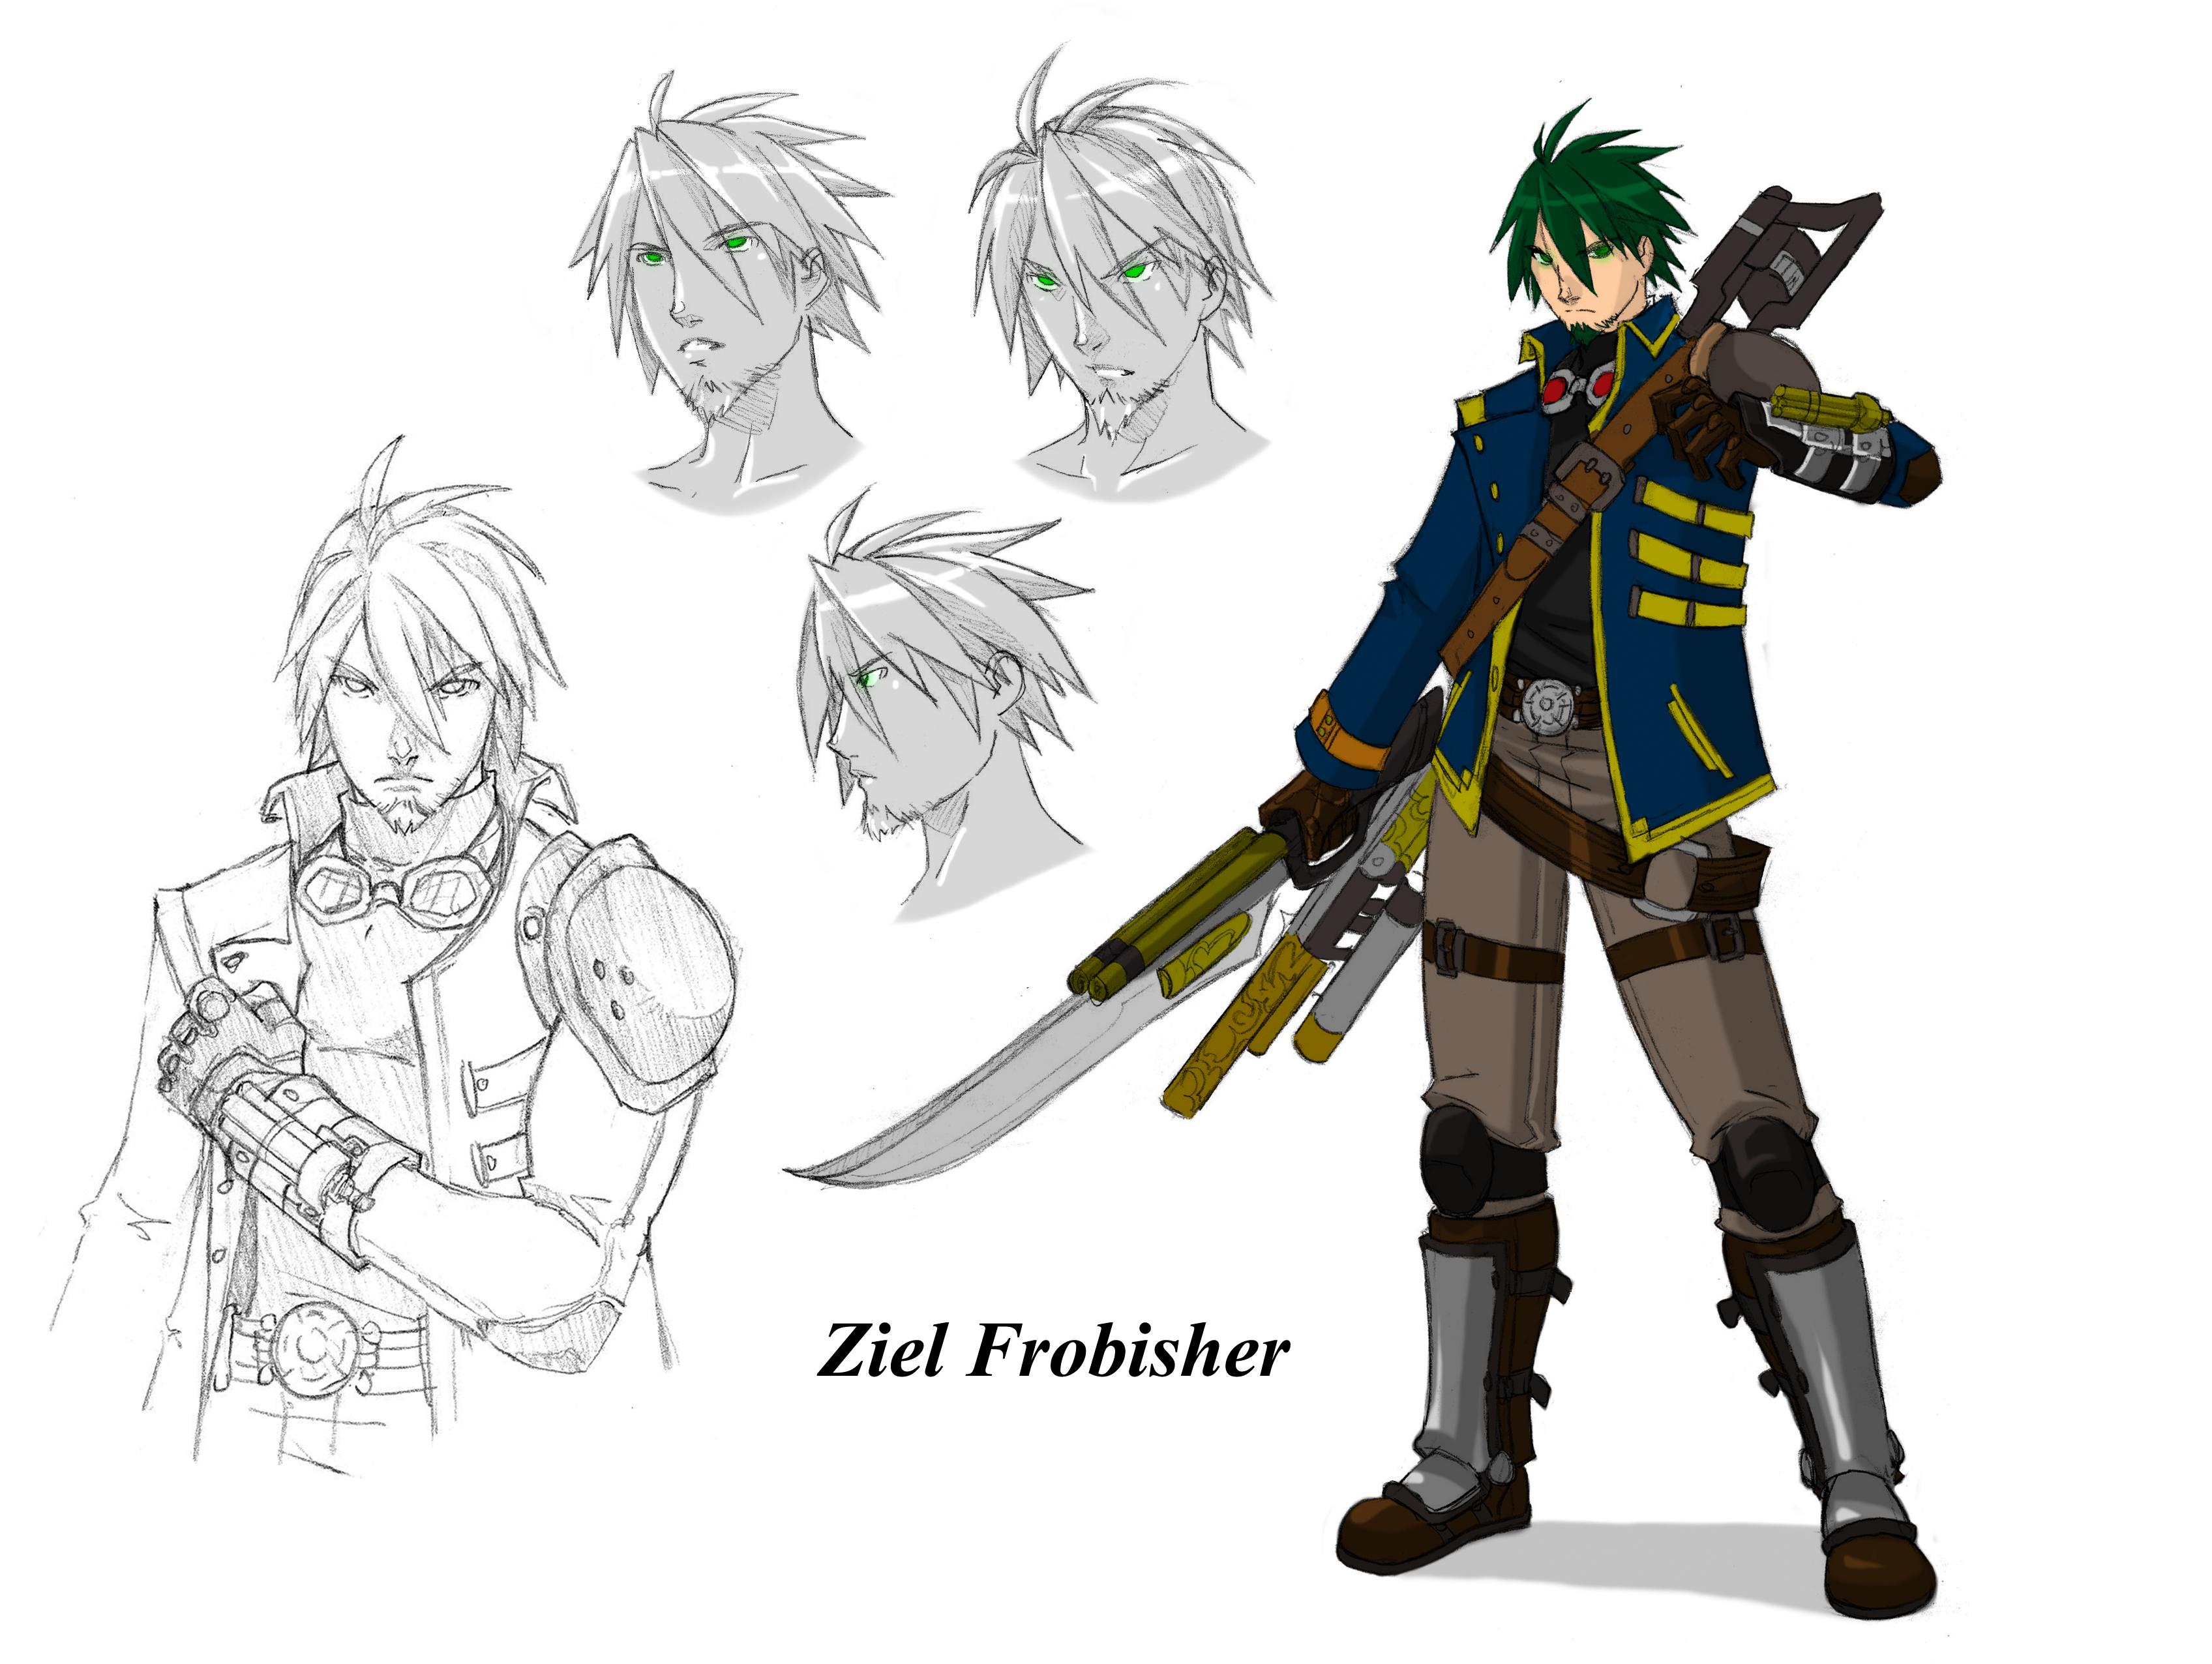 Ziel frobisher character design